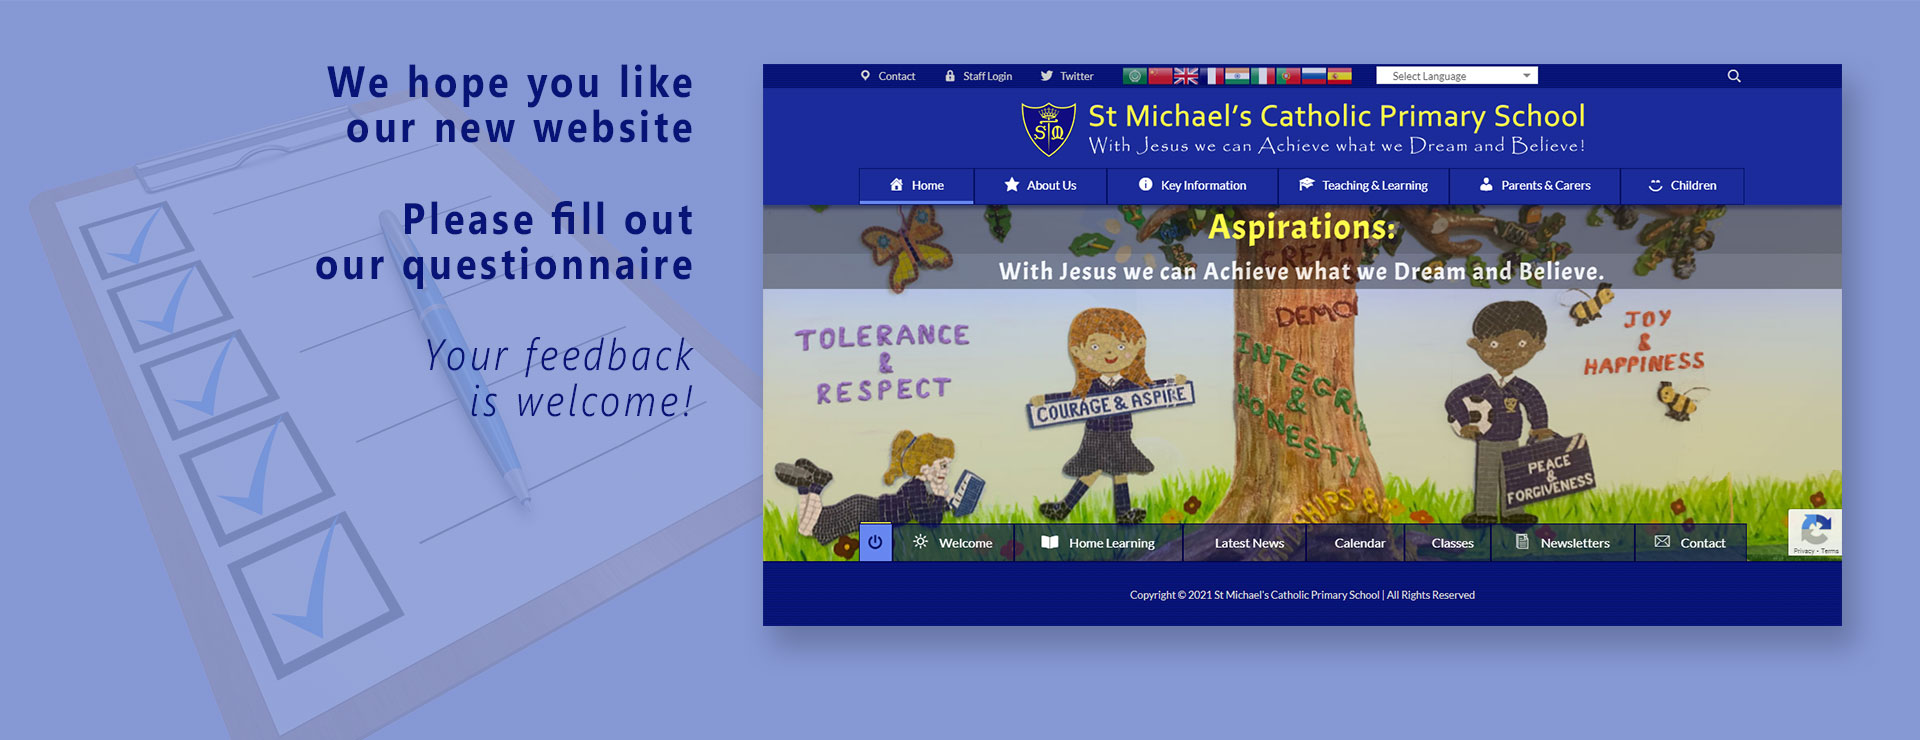 st-michaels-blog-2021-new-website-questionnaire